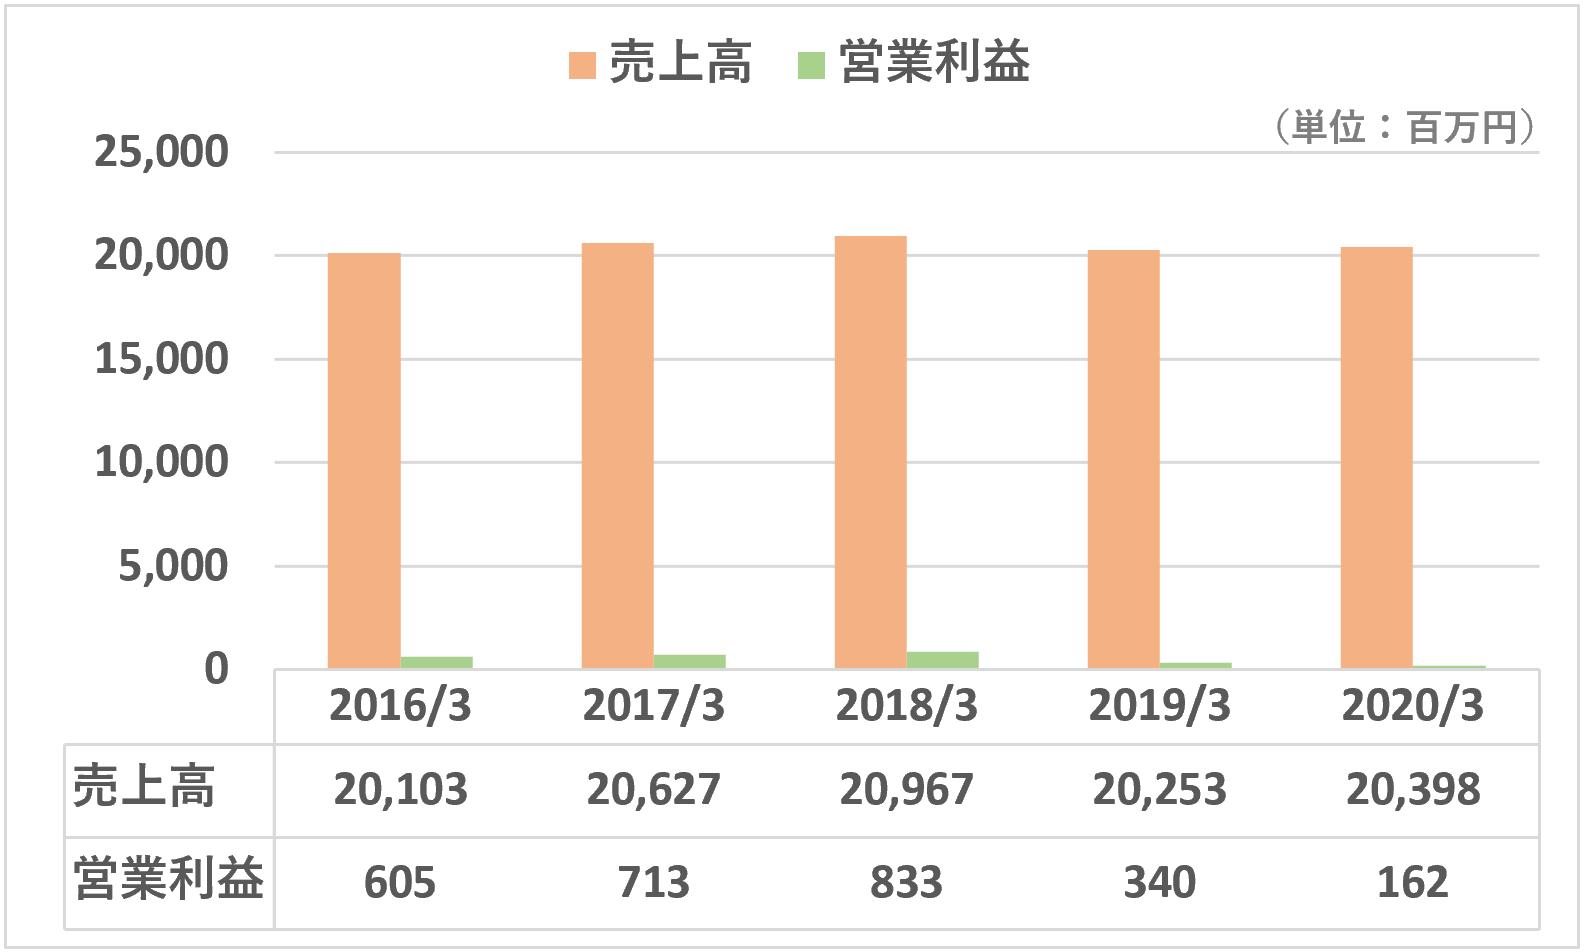 TAC売上高営業利益推移(全体)